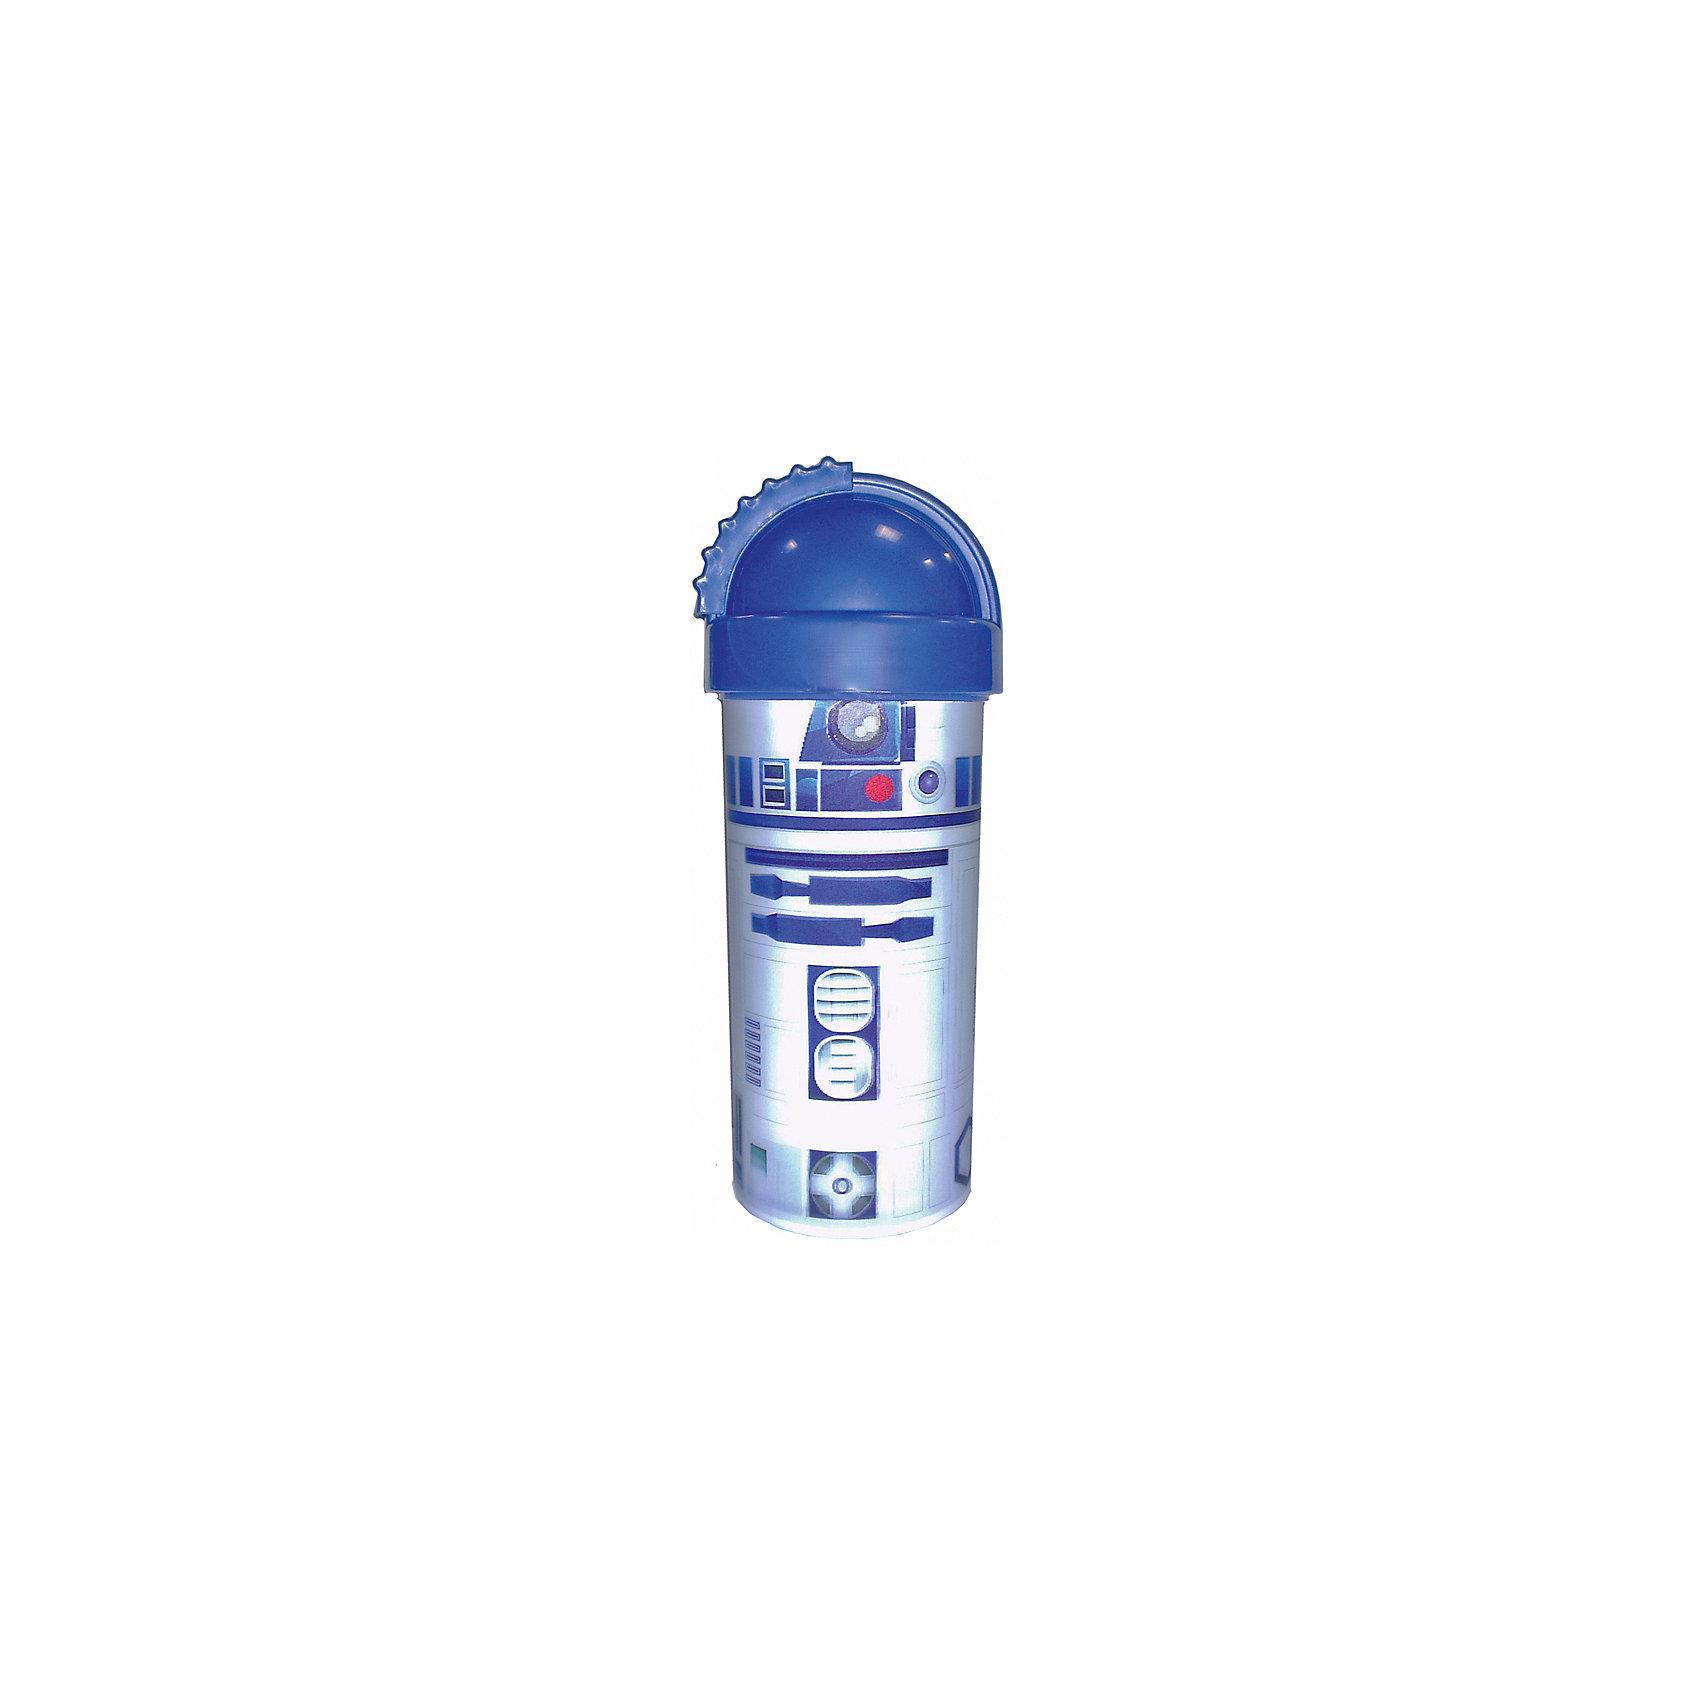 Синяя фляга Звёздные Войны 400 млСиняя фляга Звёздные Войны 400 мл – идеальный спутник малыша поездках и путешествиях, ее можно взять в школу, на прогулку.<br>Яркая детская фляга Звёздные Войны, оформленная 3D-рисунком с изображением дроида R2D2, станет отличным подарком для любого фаната знаменитой саги. Она изготовлена из высококачественного, пищевого пластика с безопасным для ребенка покрытием. Ребенок без труда сможет откручивать и закручивать крышку, которая обеспечивает чистоту трубочки и предотвращает проливание напитков. Флягу удобно брать с собой в дорогу, использовать на пляже или во время игр на свежем воздухе.<br><br>Дополнительная информация:<br><br>- Материал: пластик<br>- Цвет: синий<br>- Объем: 400 мл.<br>- Высота: 180 мм.<br>- Размер упаковки: 60х60х180 мм.<br>- Вес: 70 гр.<br><br>Синюю флягу Звёздные Войны 400 мл можно купить в нашем интернет-магазине.<br><br>Ширина мм: 60<br>Глубина мм: 60<br>Высота мм: 180<br>Вес г: 70<br>Возраст от месяцев: 36<br>Возраст до месяцев: 144<br>Пол: Унисекс<br>Возраст: Детский<br>SKU: 4606794